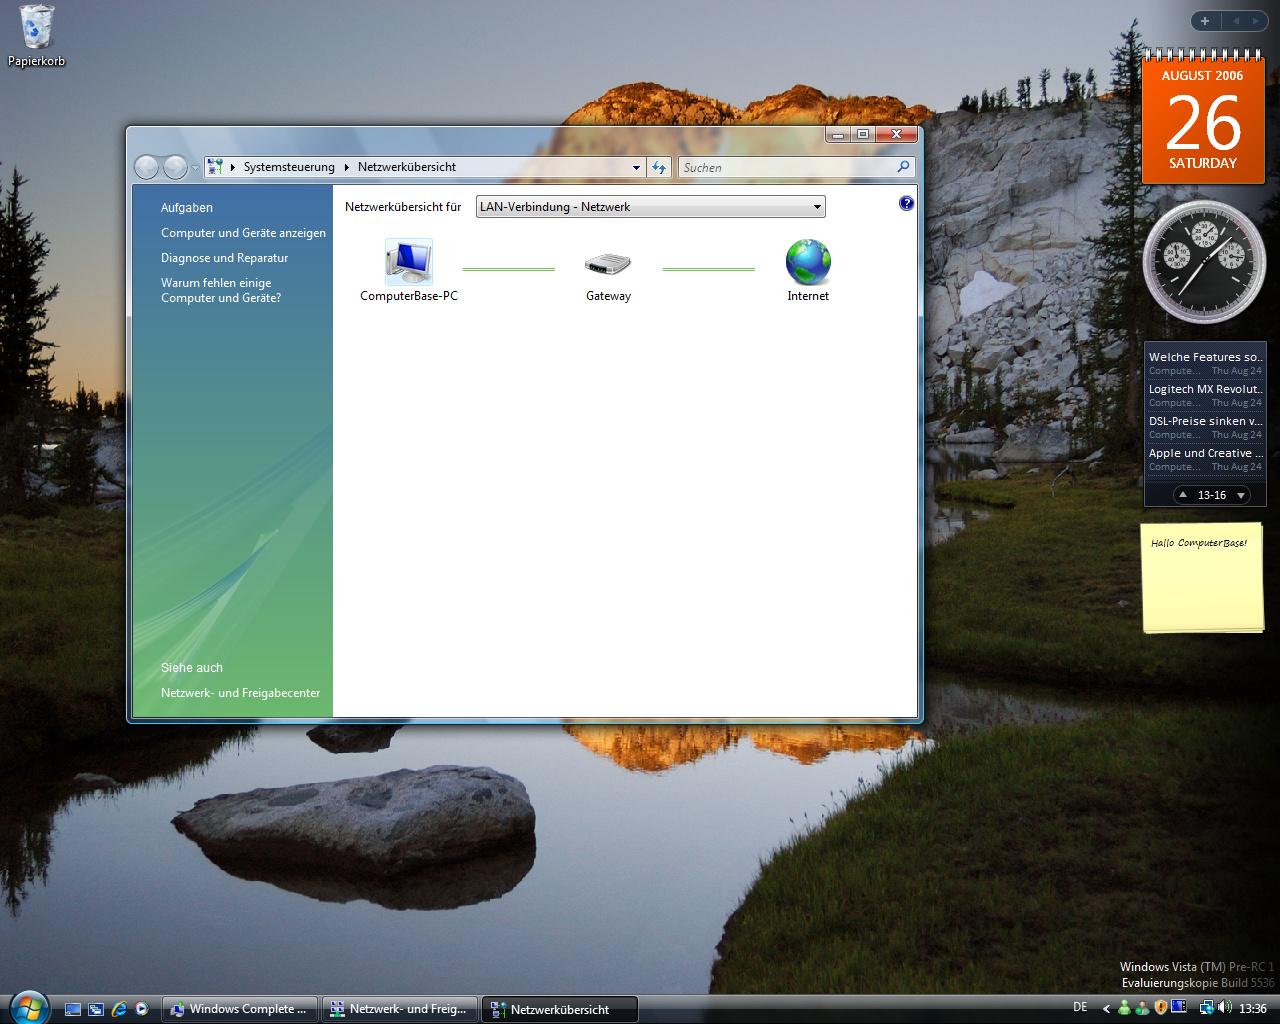 Windows Vista Build 5536 - Netzwerkübersicht